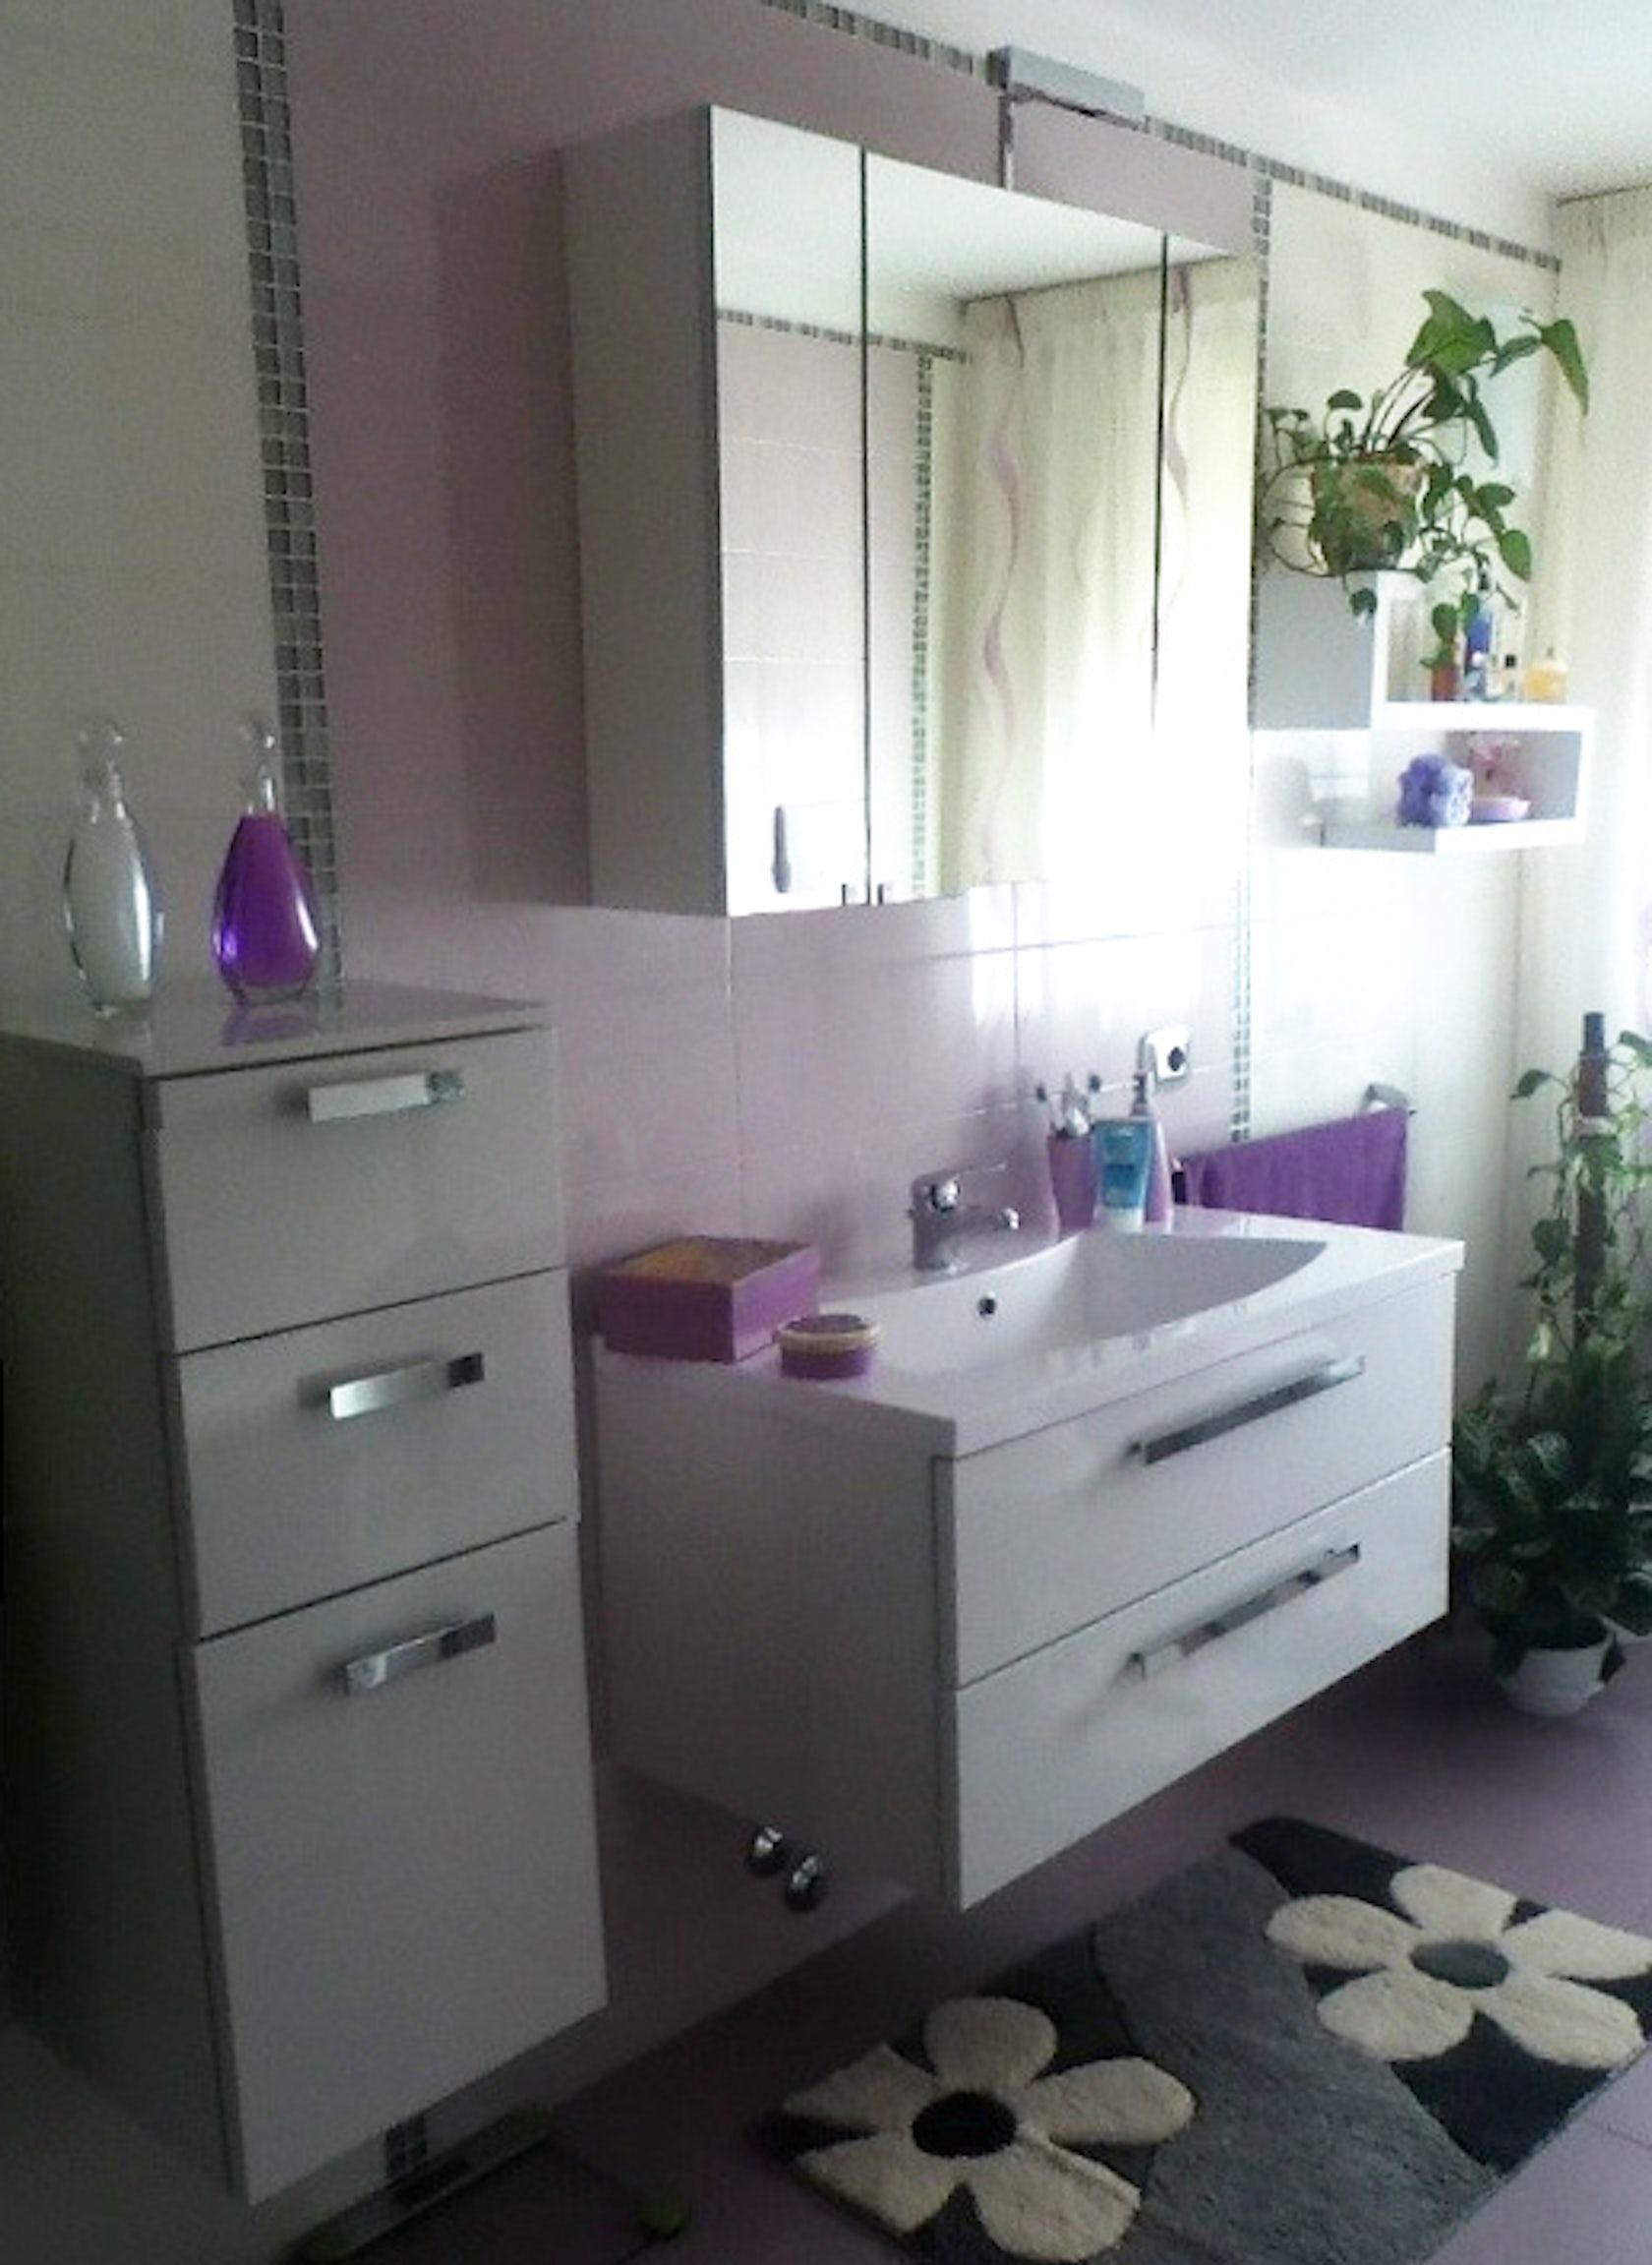 Arredo bagno bianco su parete lilla architizer - Bagno lilla e bianco ...